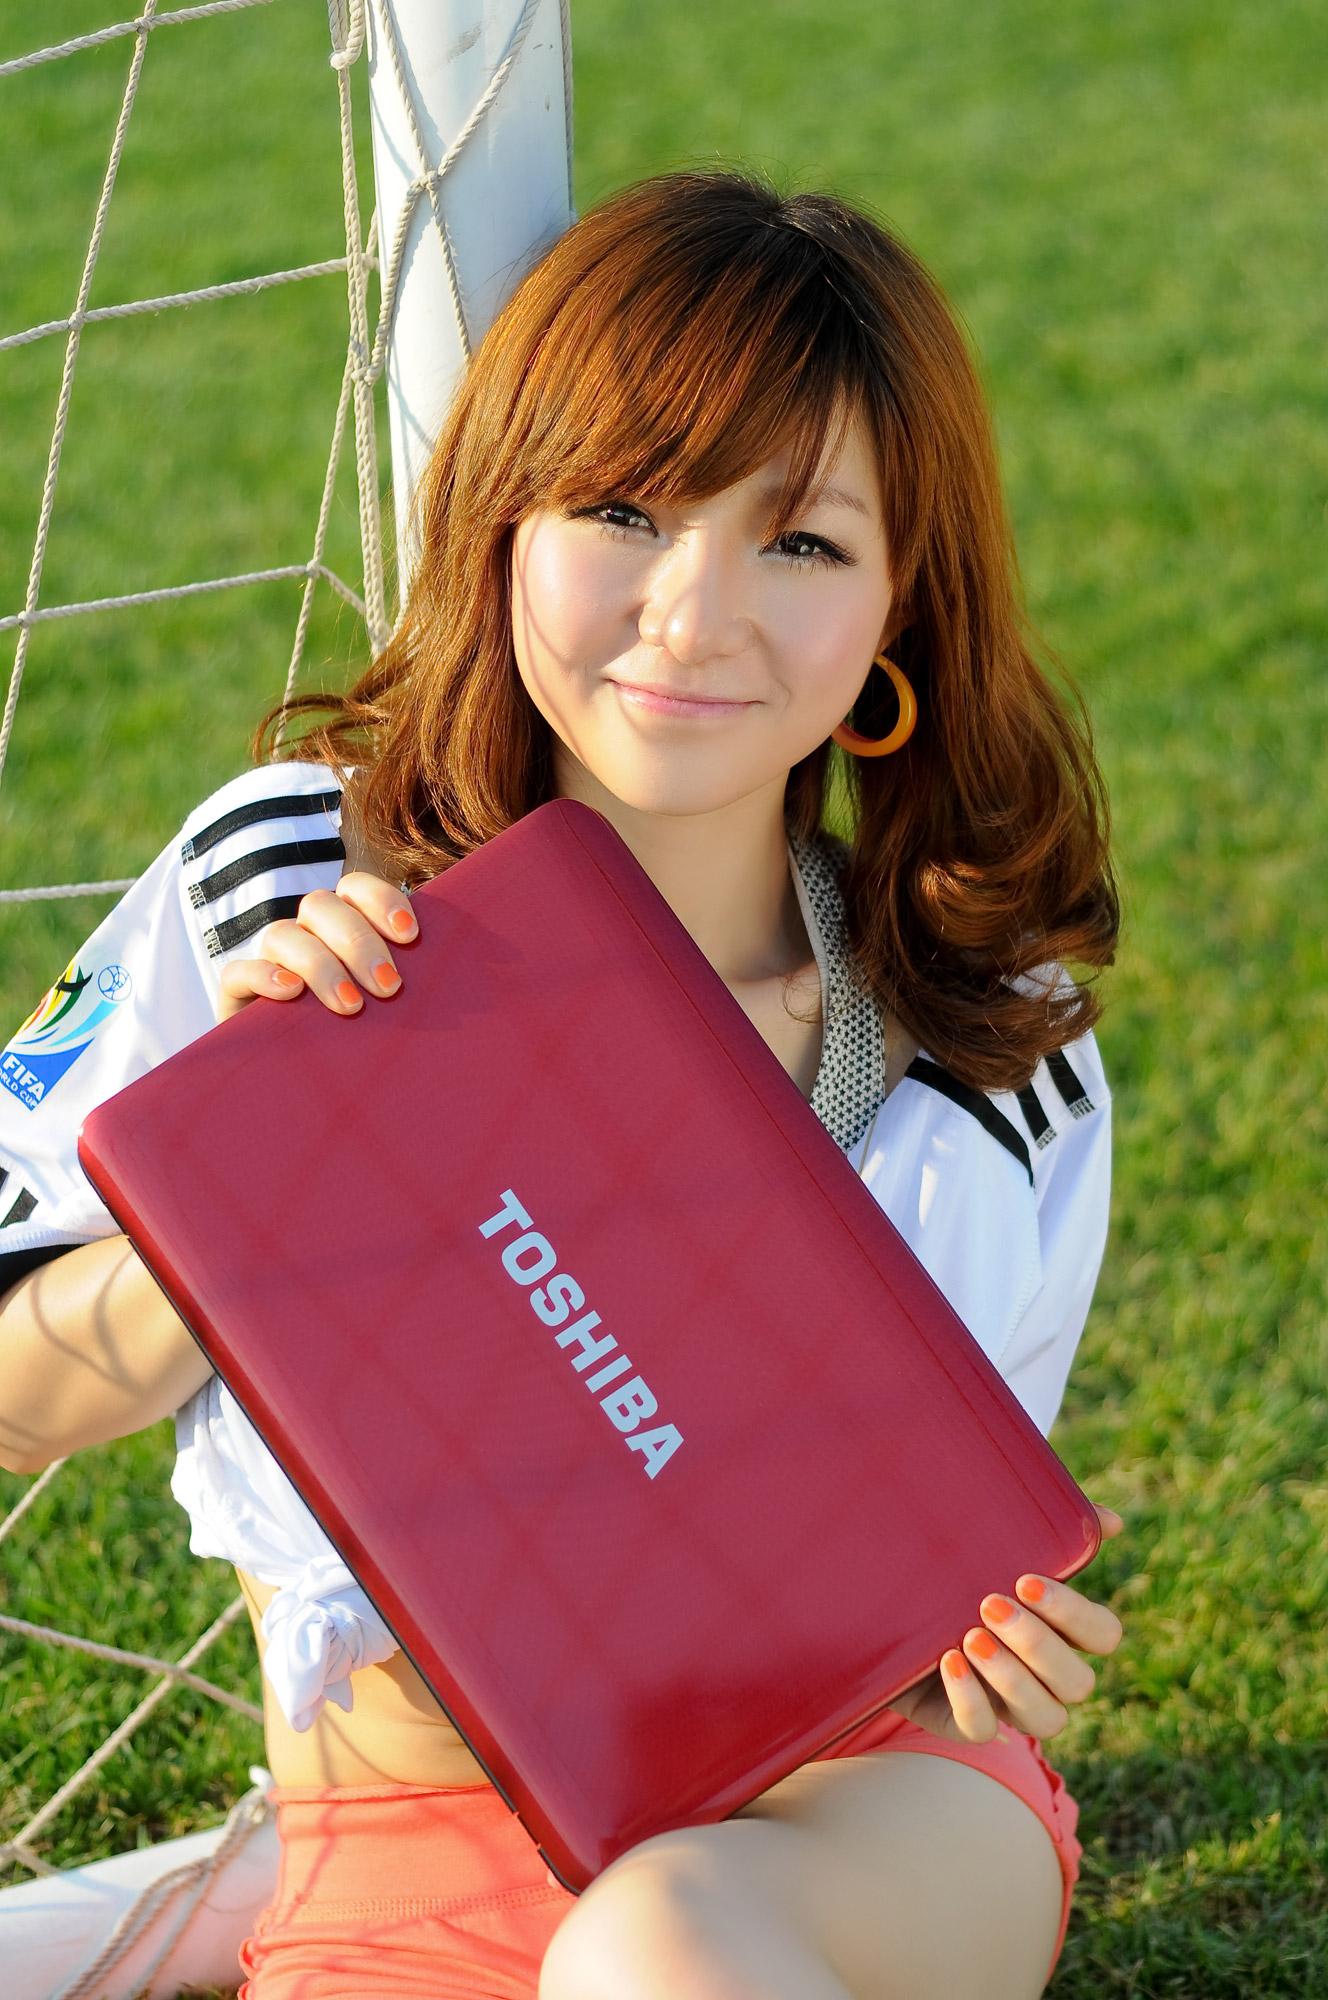 美女足球宝贝绿荫场上的激情碰撞  笔记本